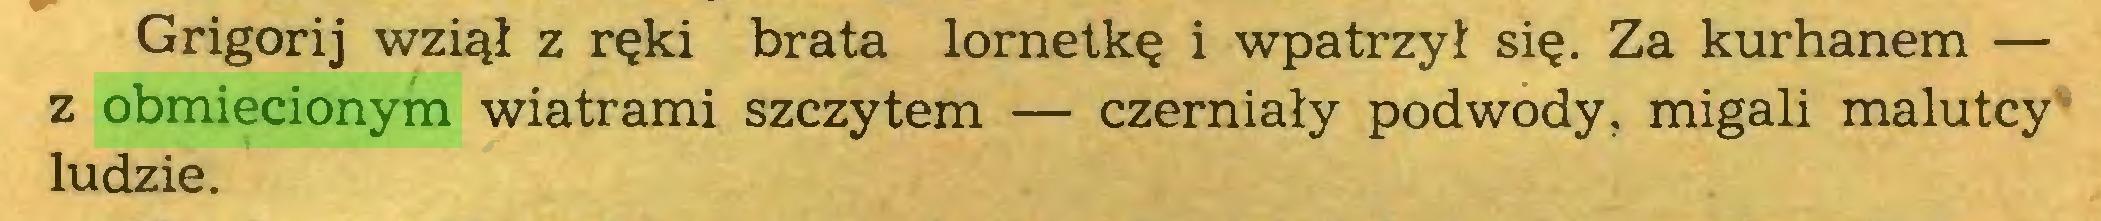 (...) Grigorij wziął z ręki brata lornetkę i wpatrzył się. Za kurhanem — z obmiecionym wiatrami szczytem — czerniały podwody, migali malutcy ludzie...